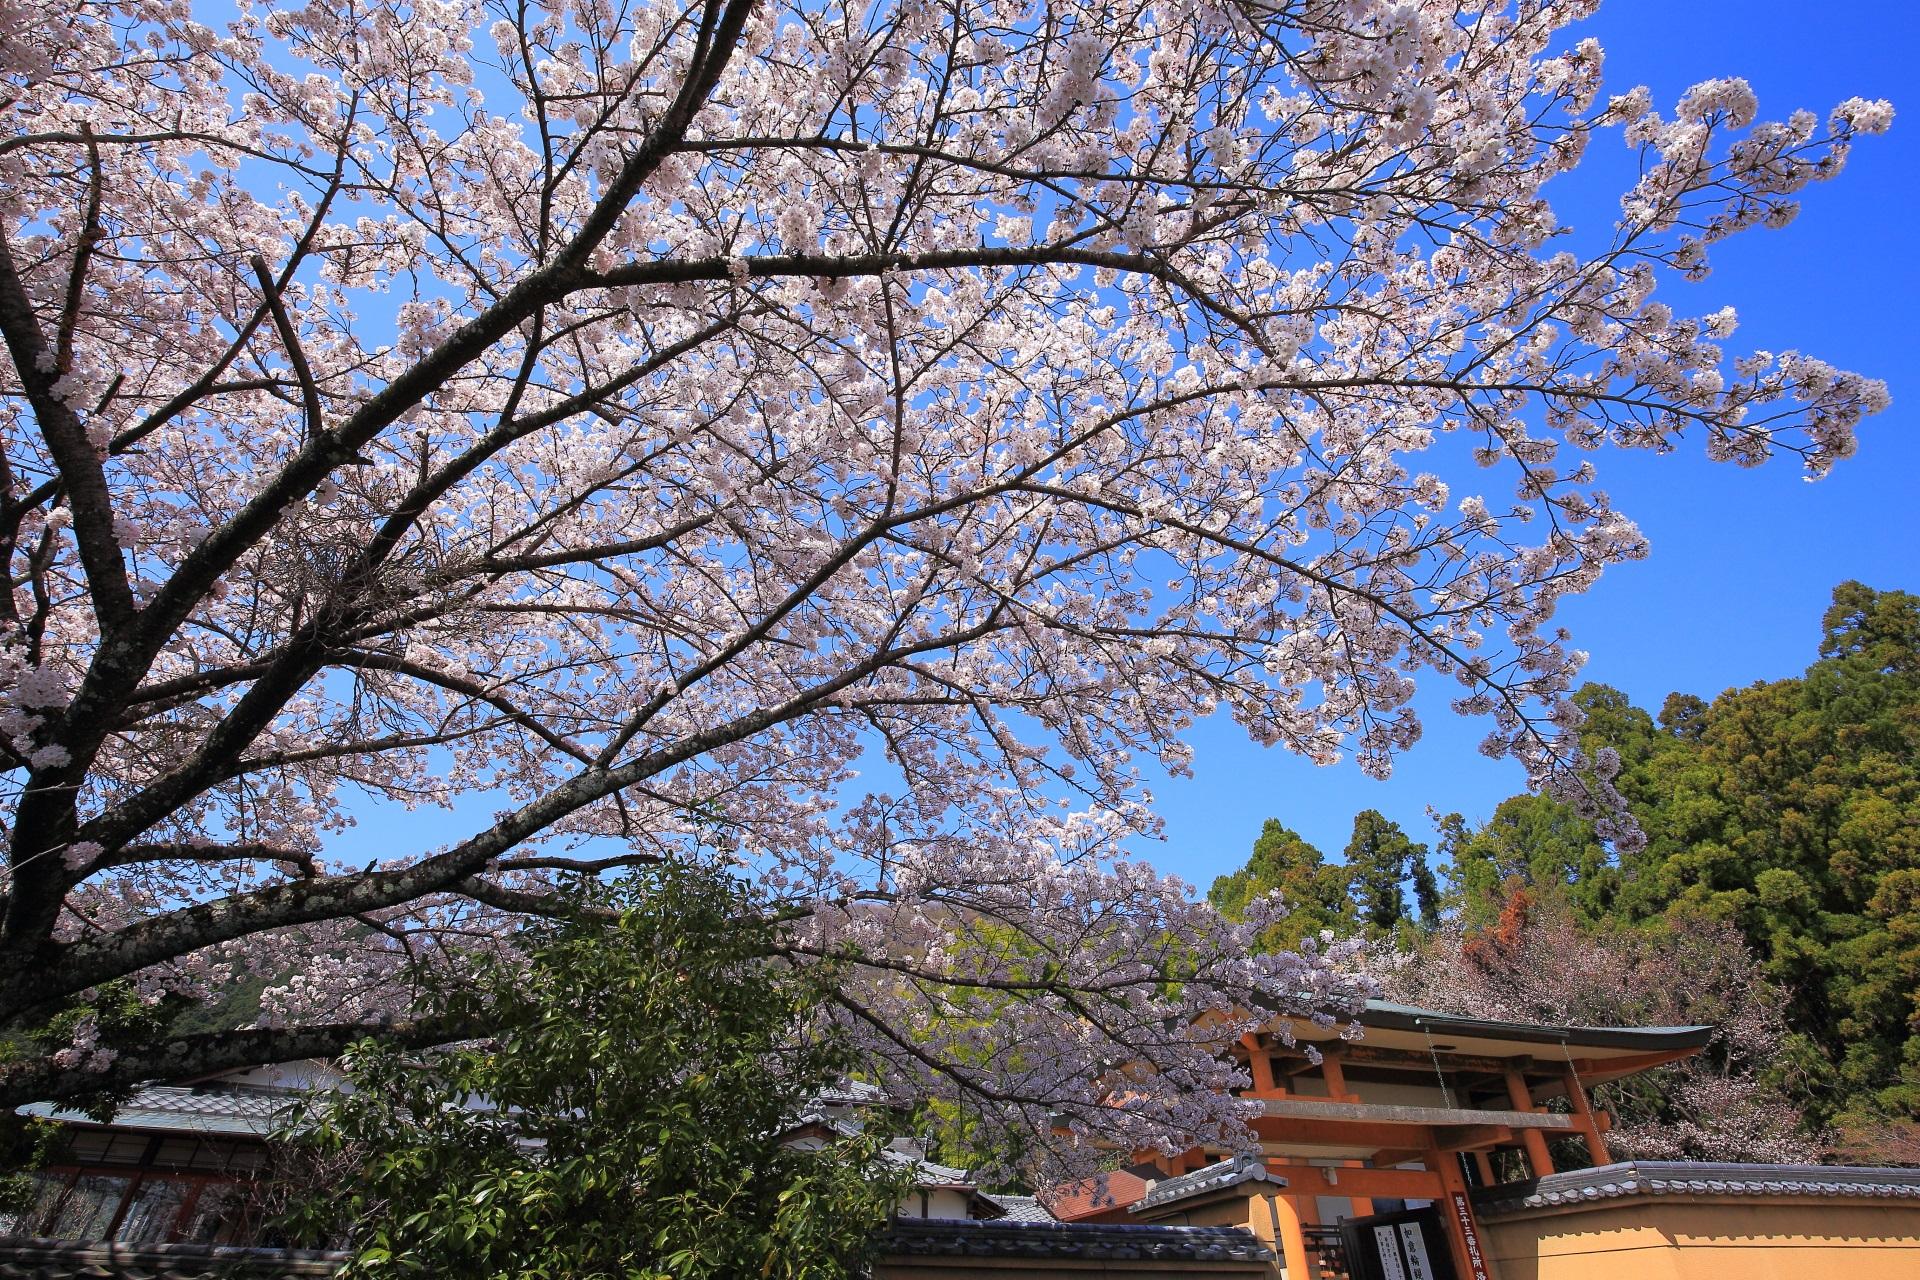 願徳寺の雲一つない青空を覆う桜